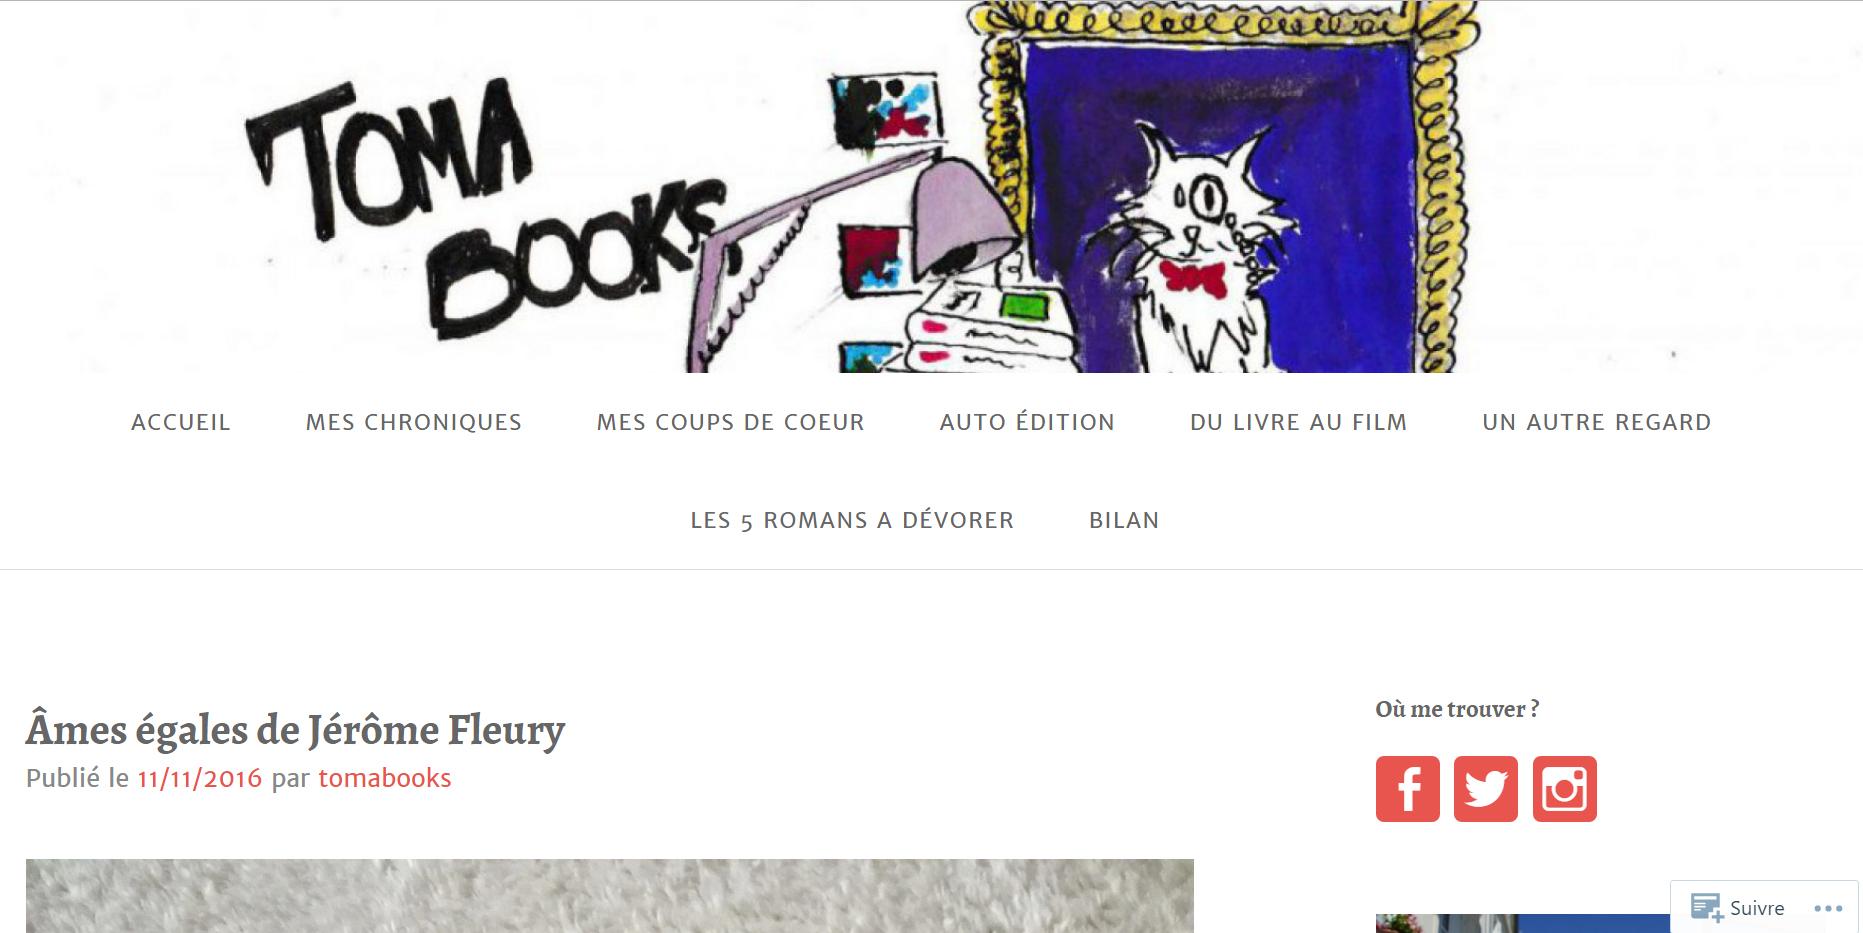 TomaBooks : Âmes égales, de Jérôme Fleury